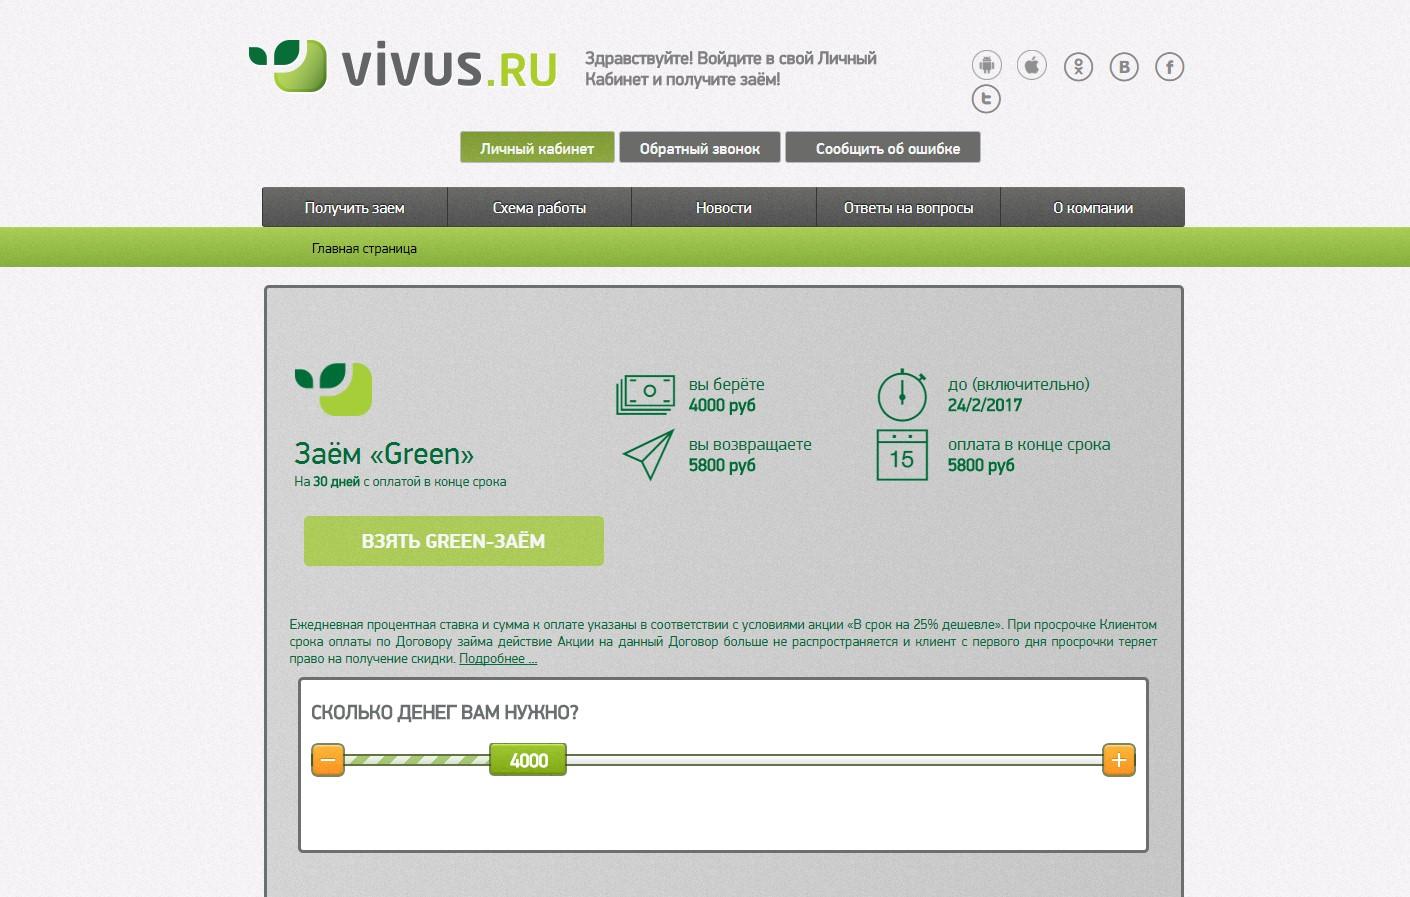 Займ вивус онлайн заявка займ на карту мгновенно без посещения офиса